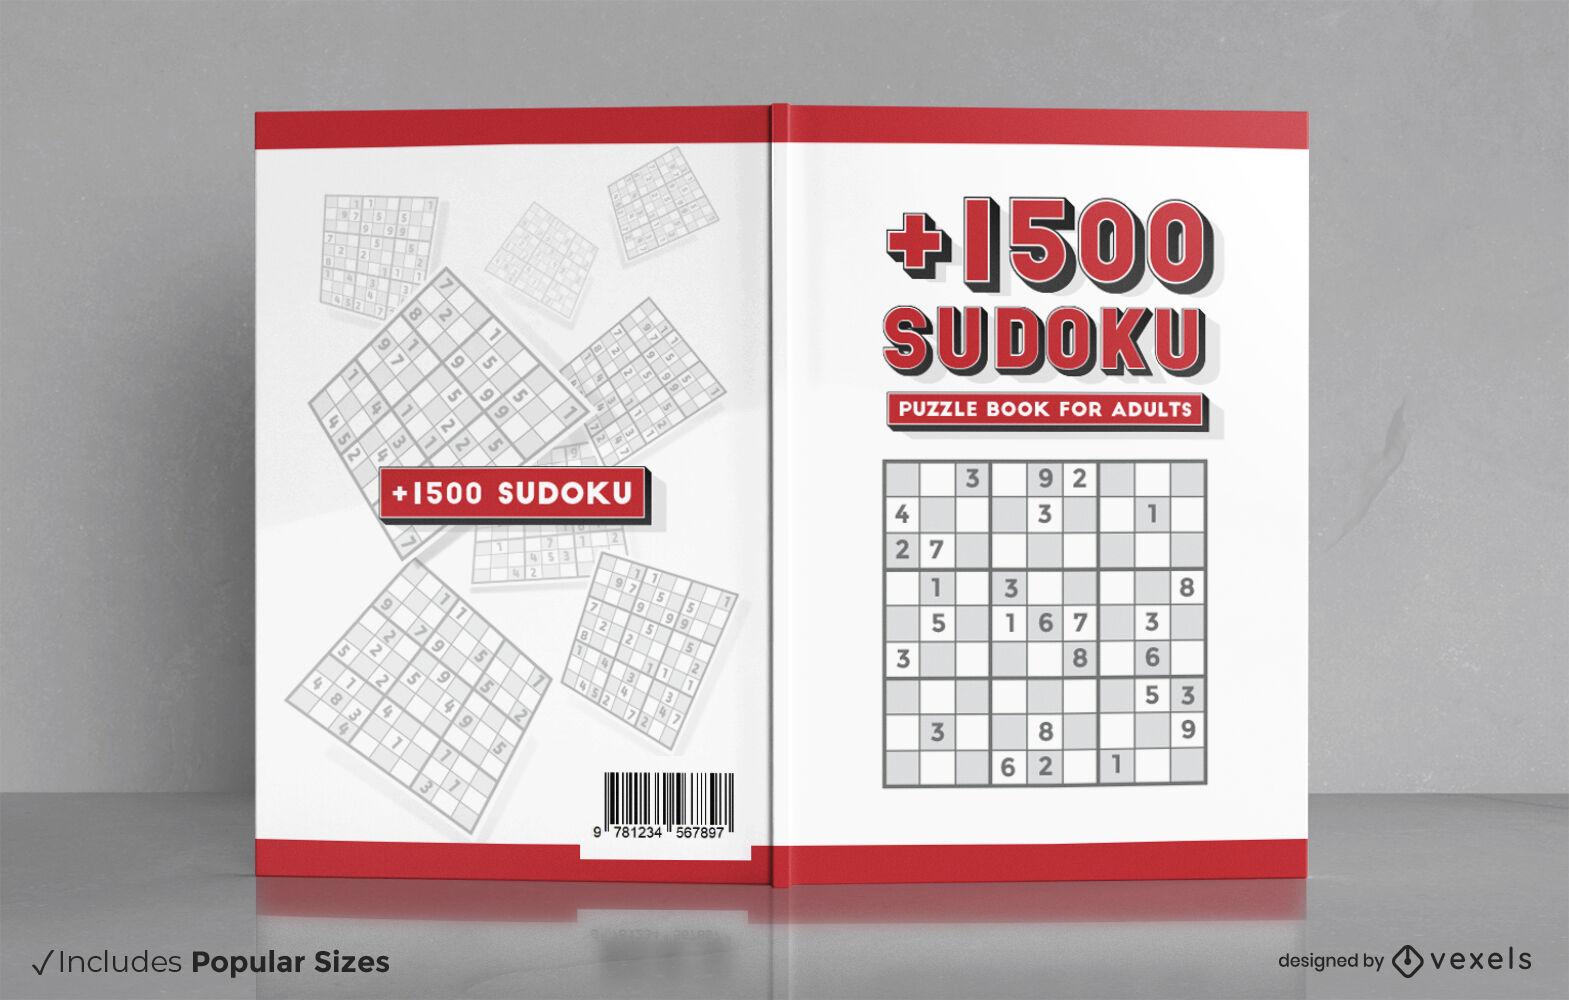 Sudoku puzzle game book cover deisgn